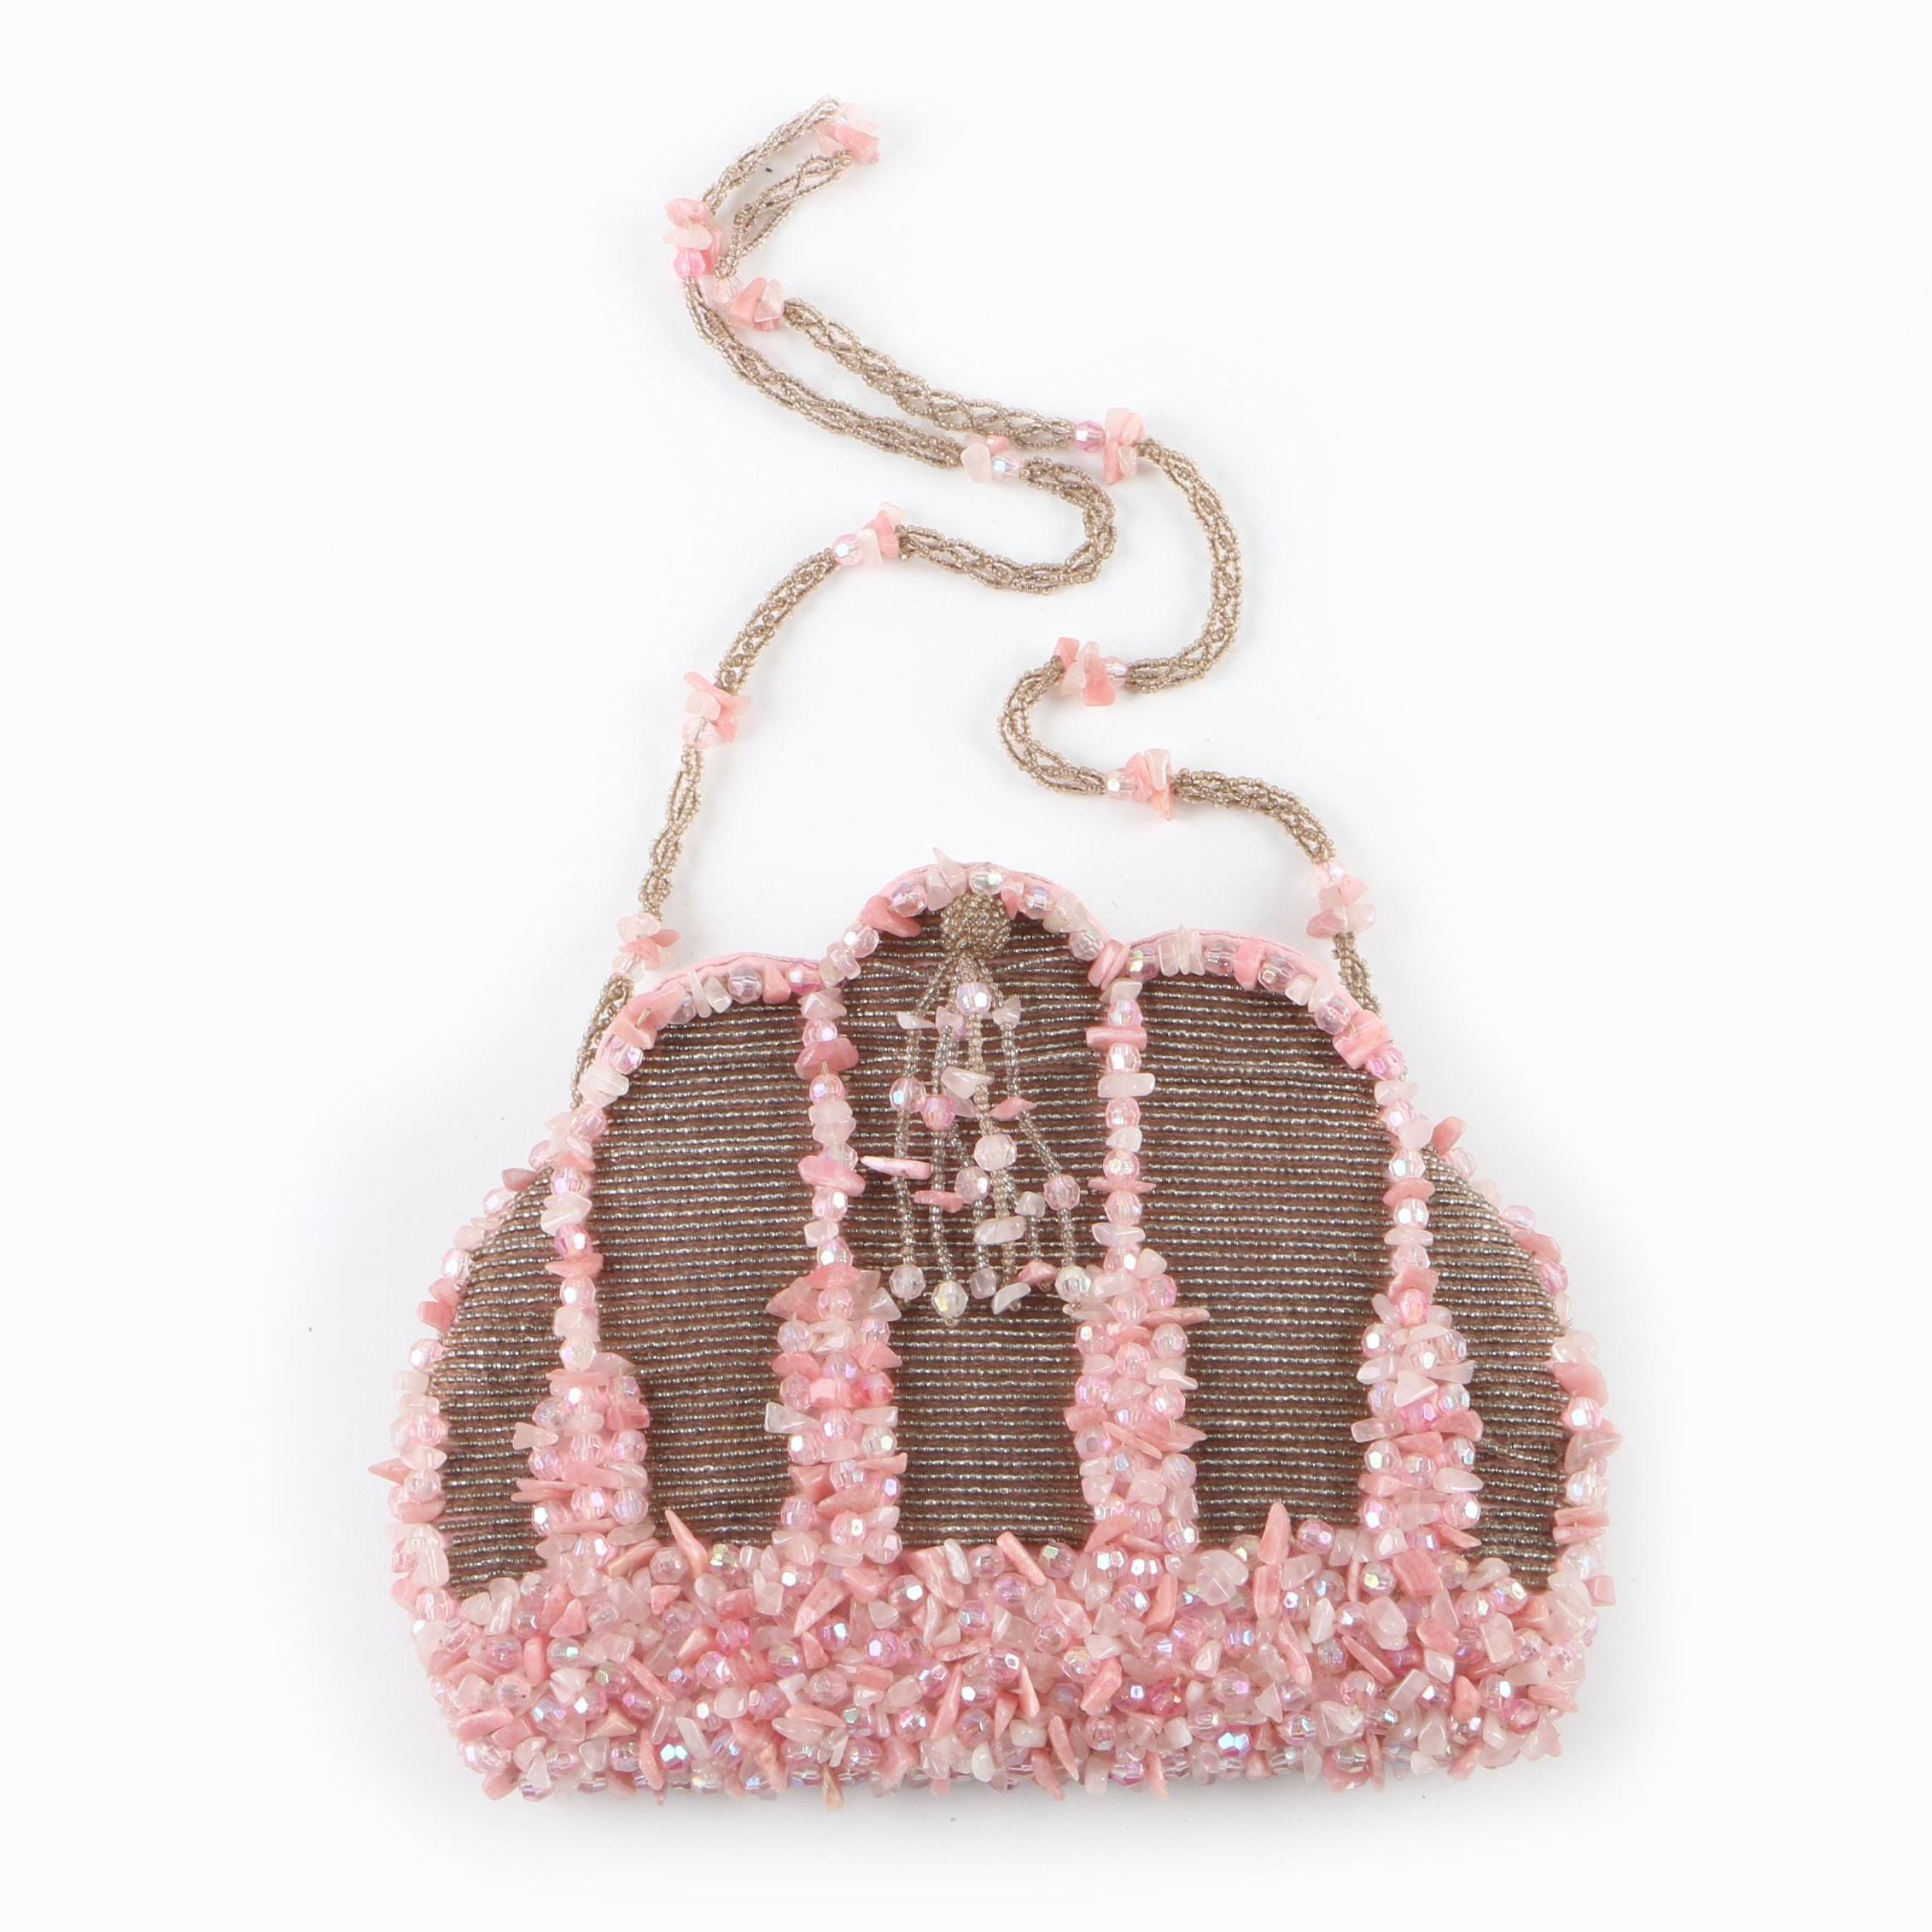 Vintage Mary Frances of San Francisco Embellished Evening Bag